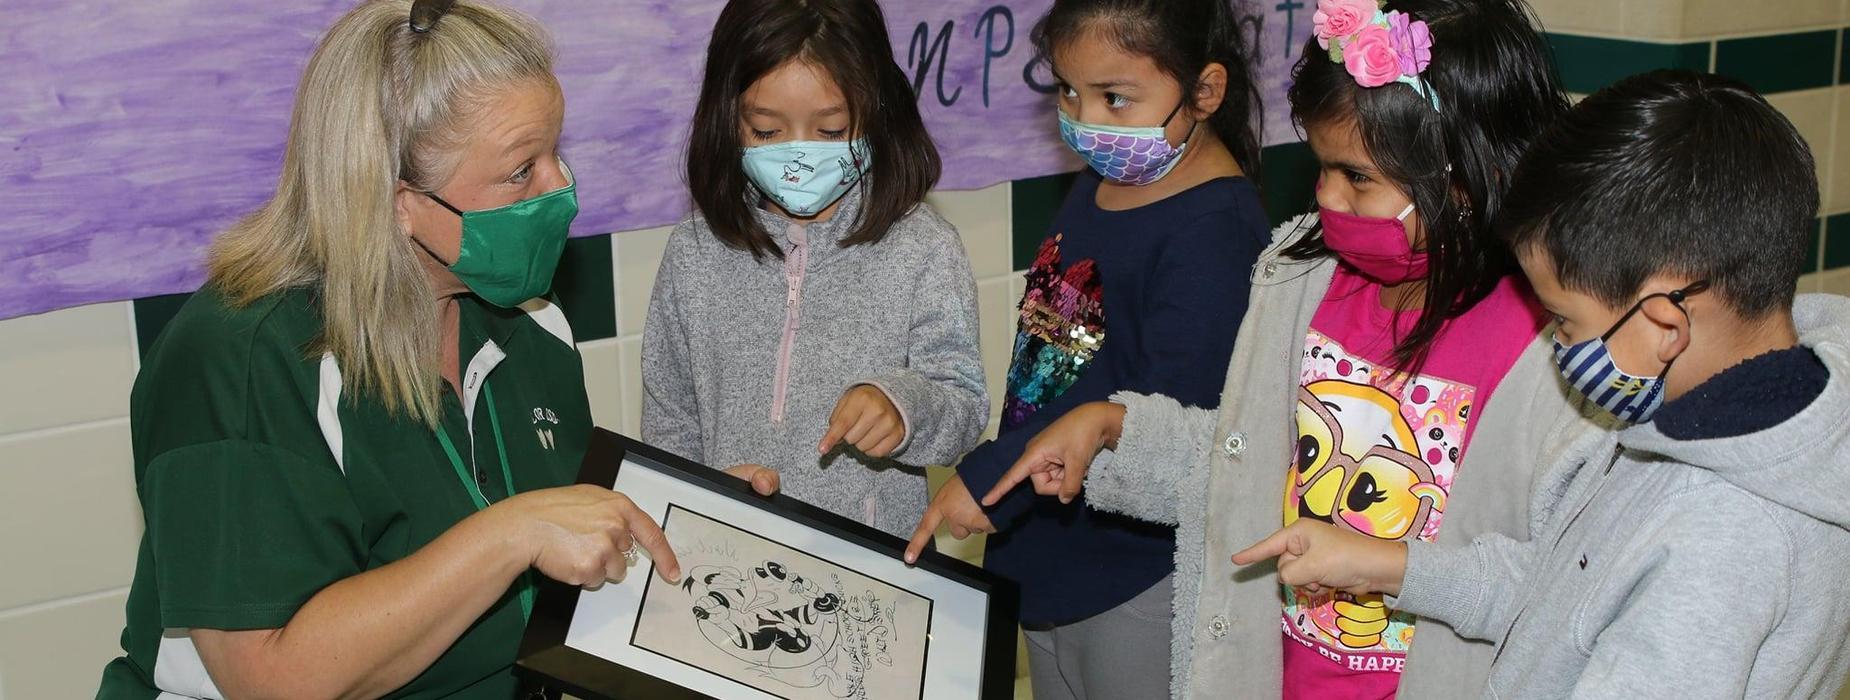 students look at Walt Disney drawing